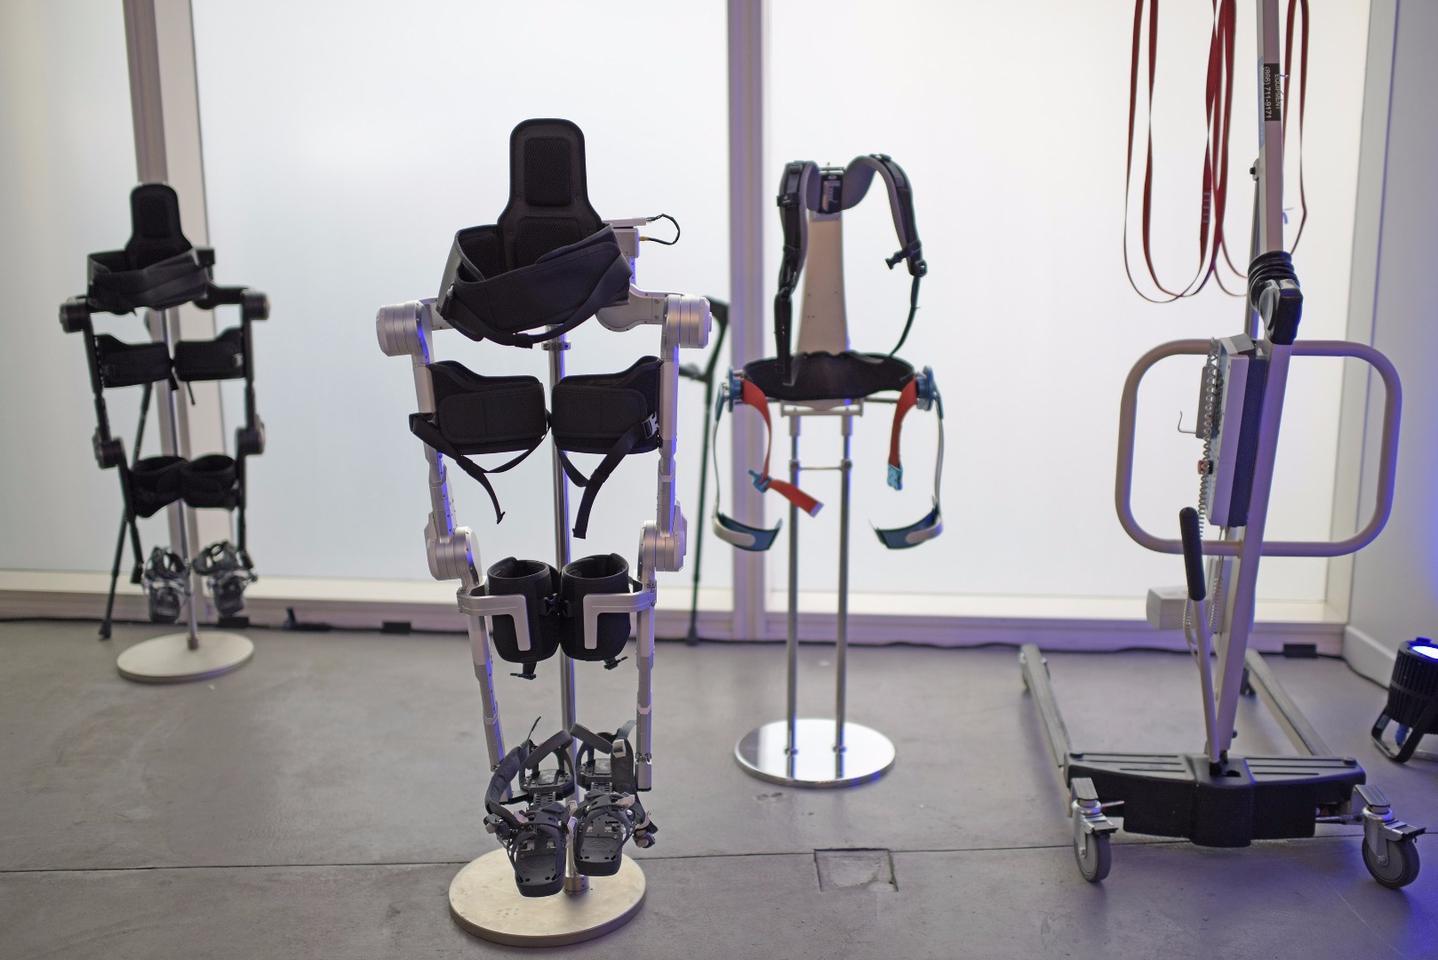 Hyundai is highlightingits robotic exoskeleton line at CES2017